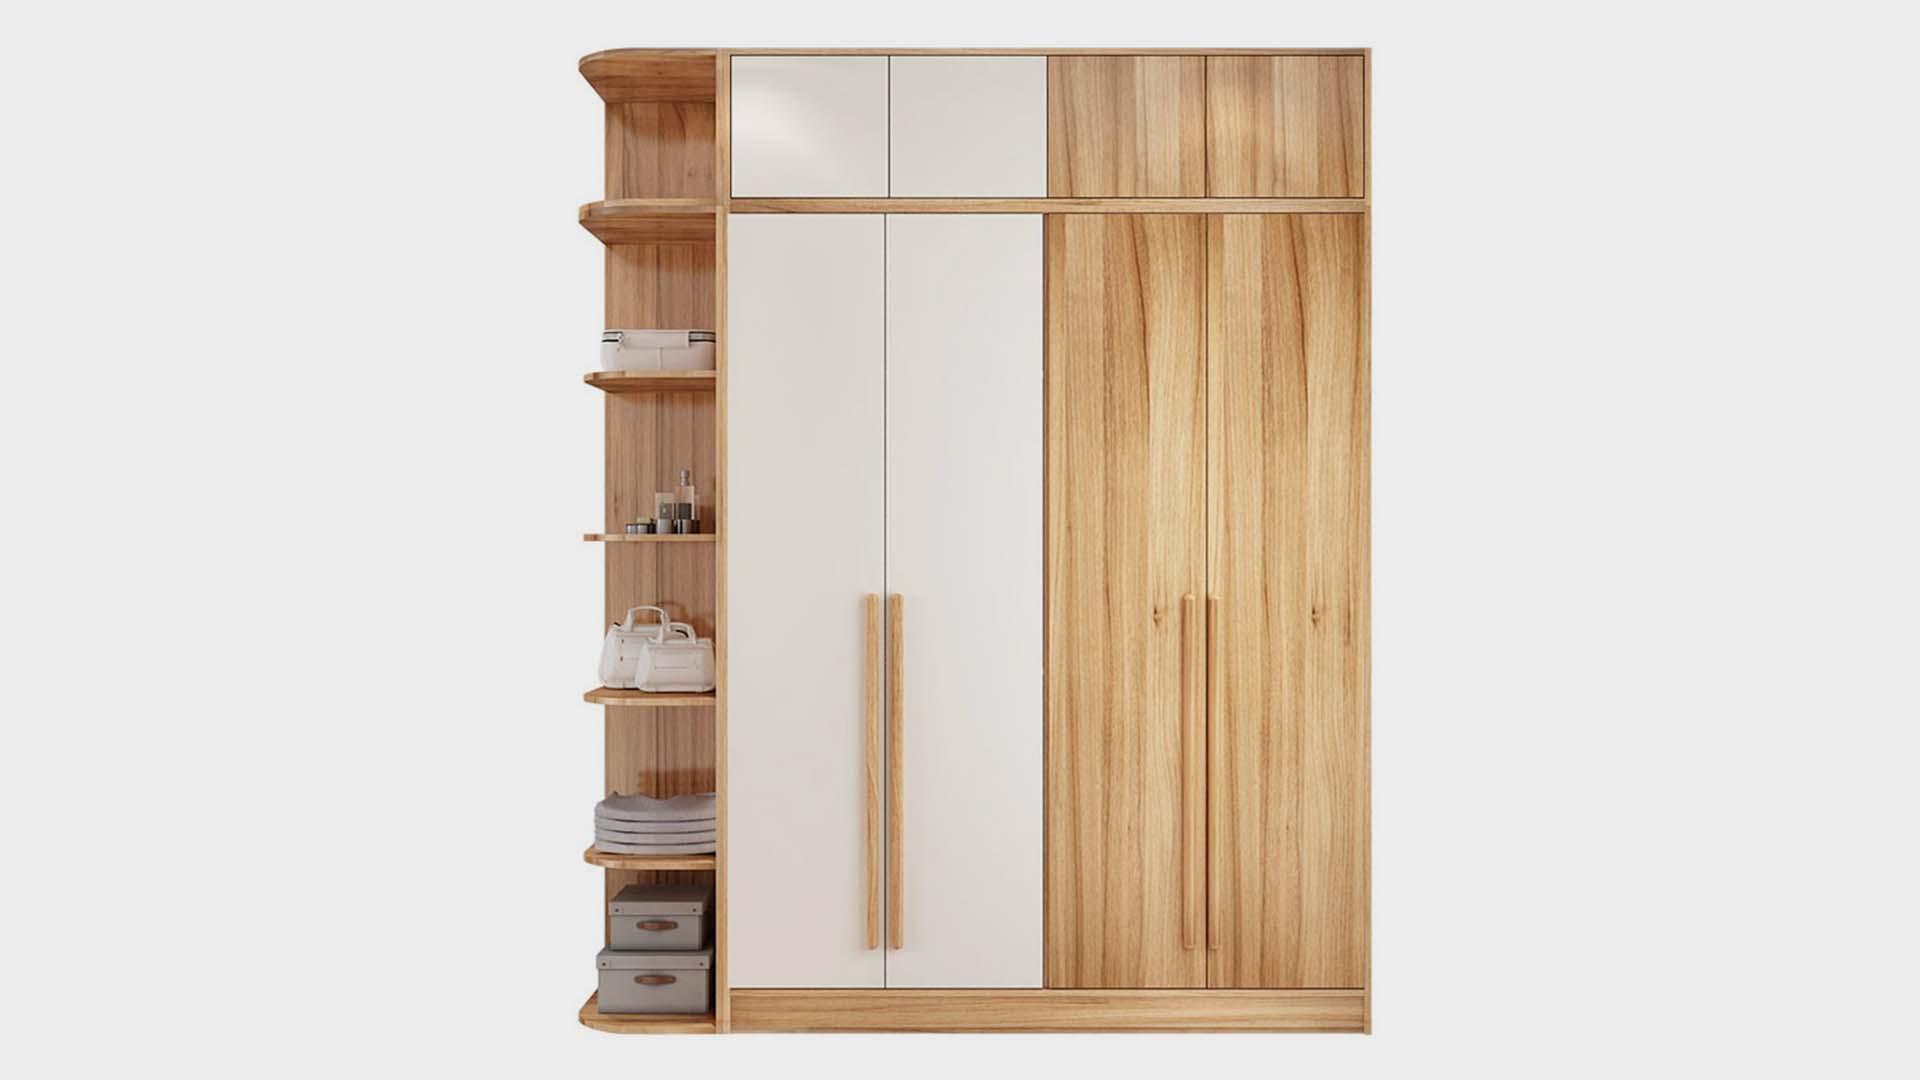 北欧のミニマリストモダンな小さなアパートの寝室の家具の組み合わせ22 3 4ドアのワードローブ全体的に大きなワードローブ